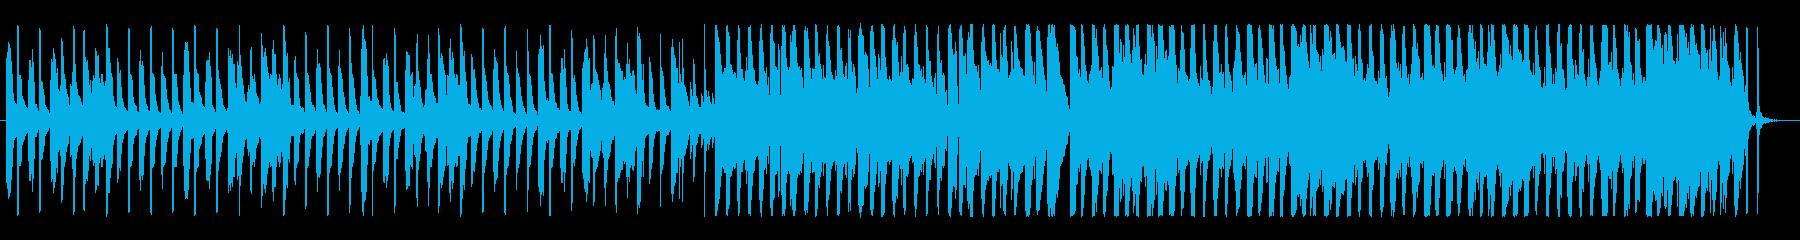 人気の口笛メロディ。明るく楽しいポップ。の再生済みの波形